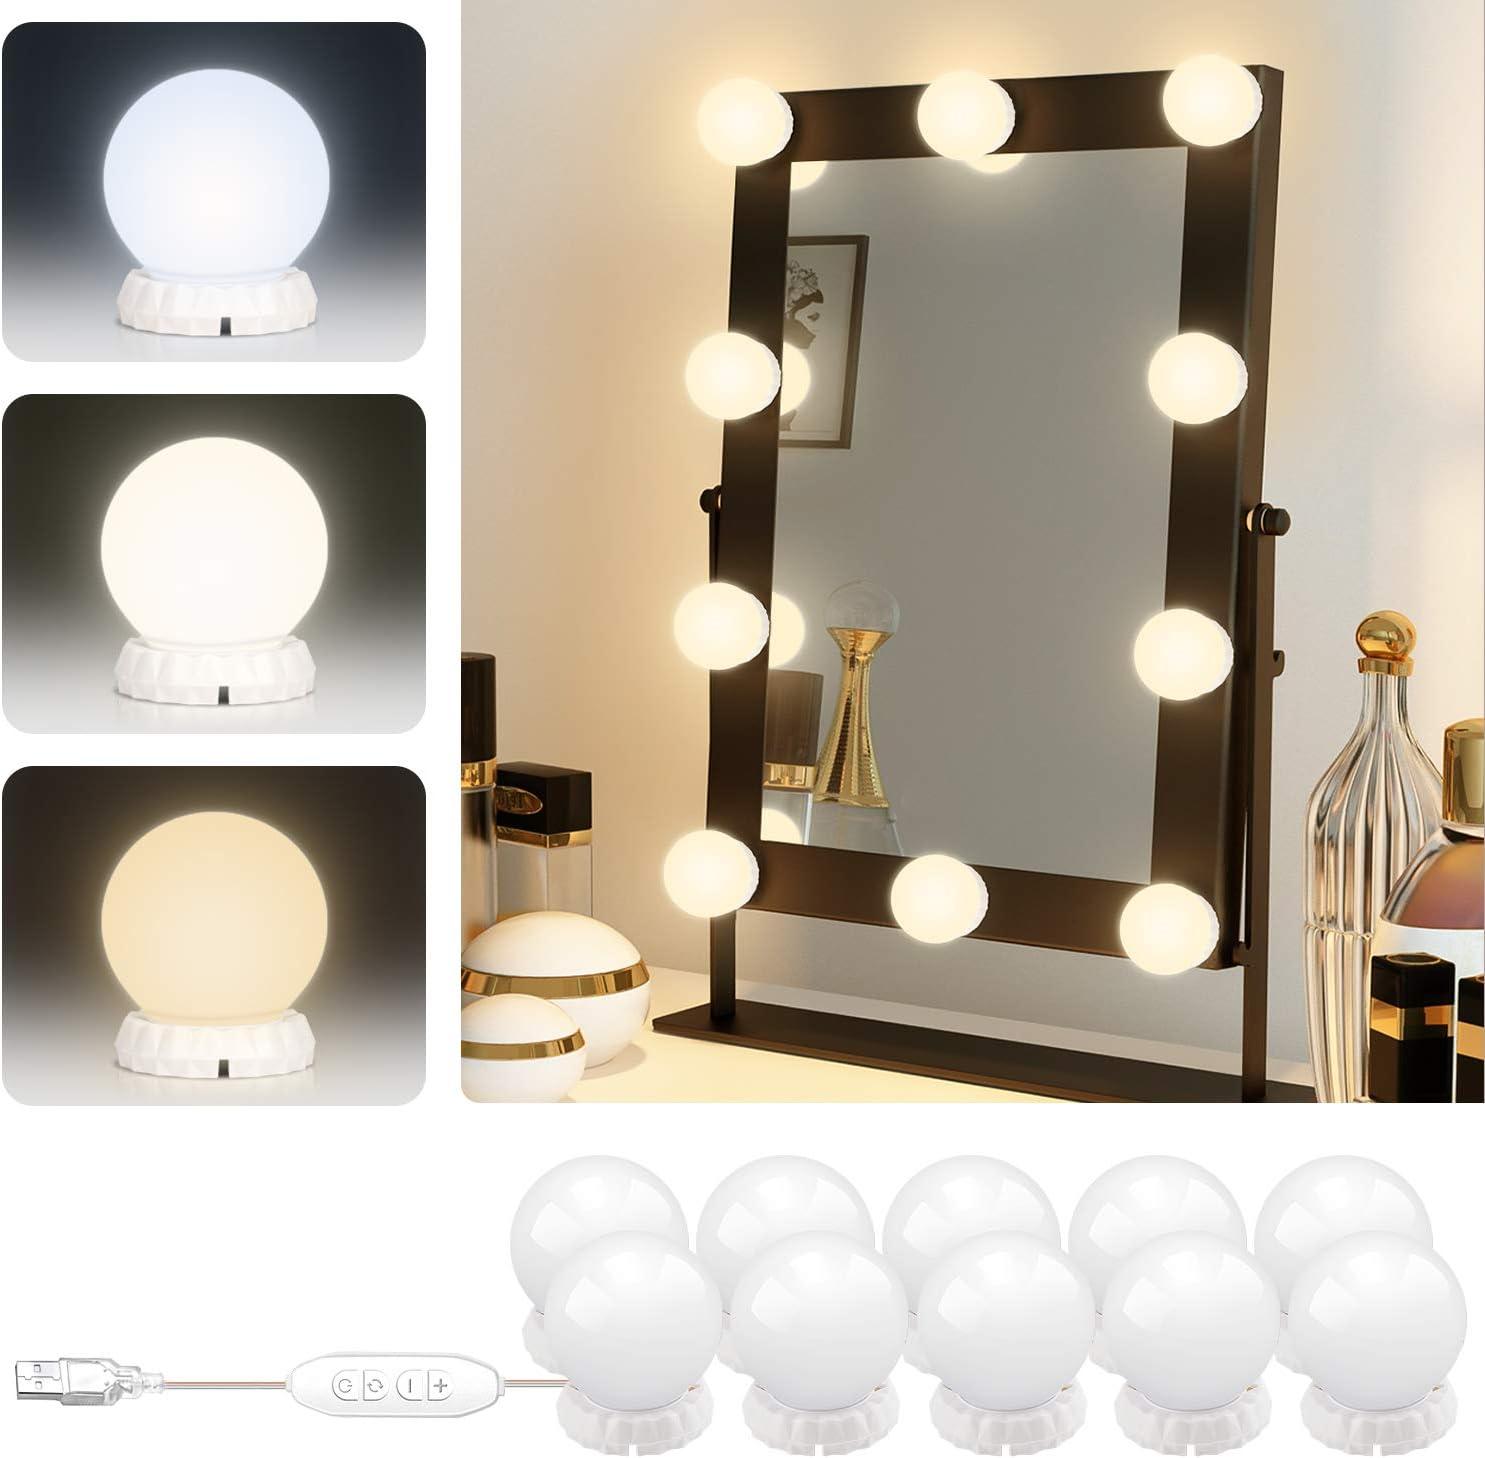 Lumi/ère de Miroir LED Rose Kit de Lumi/ère LED 10 Ampoules Luminosit/é R/églable 3 Couleurs 10 Niveaux de Luminosit/é avec Adaptateur Rose